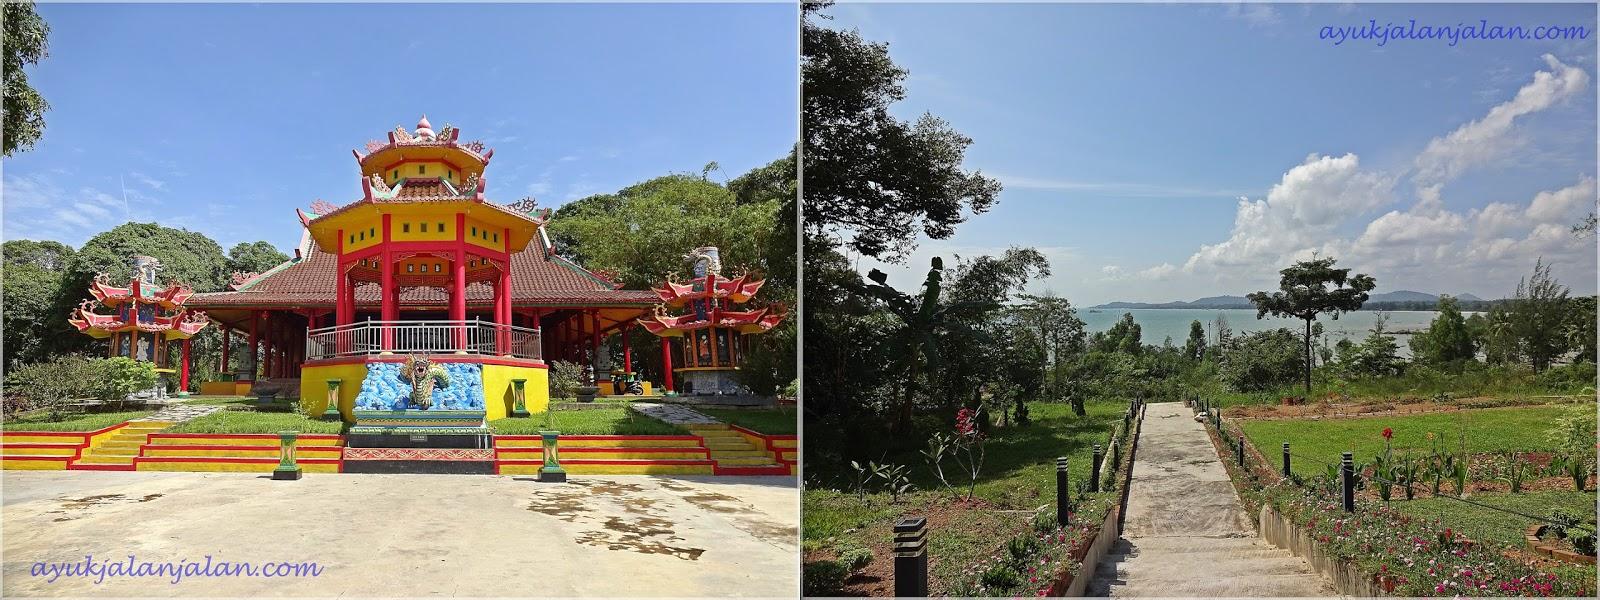 Ayuk Jalan Bangka Part 3 Terletak Kawasan Pantai Tanjung Bunga